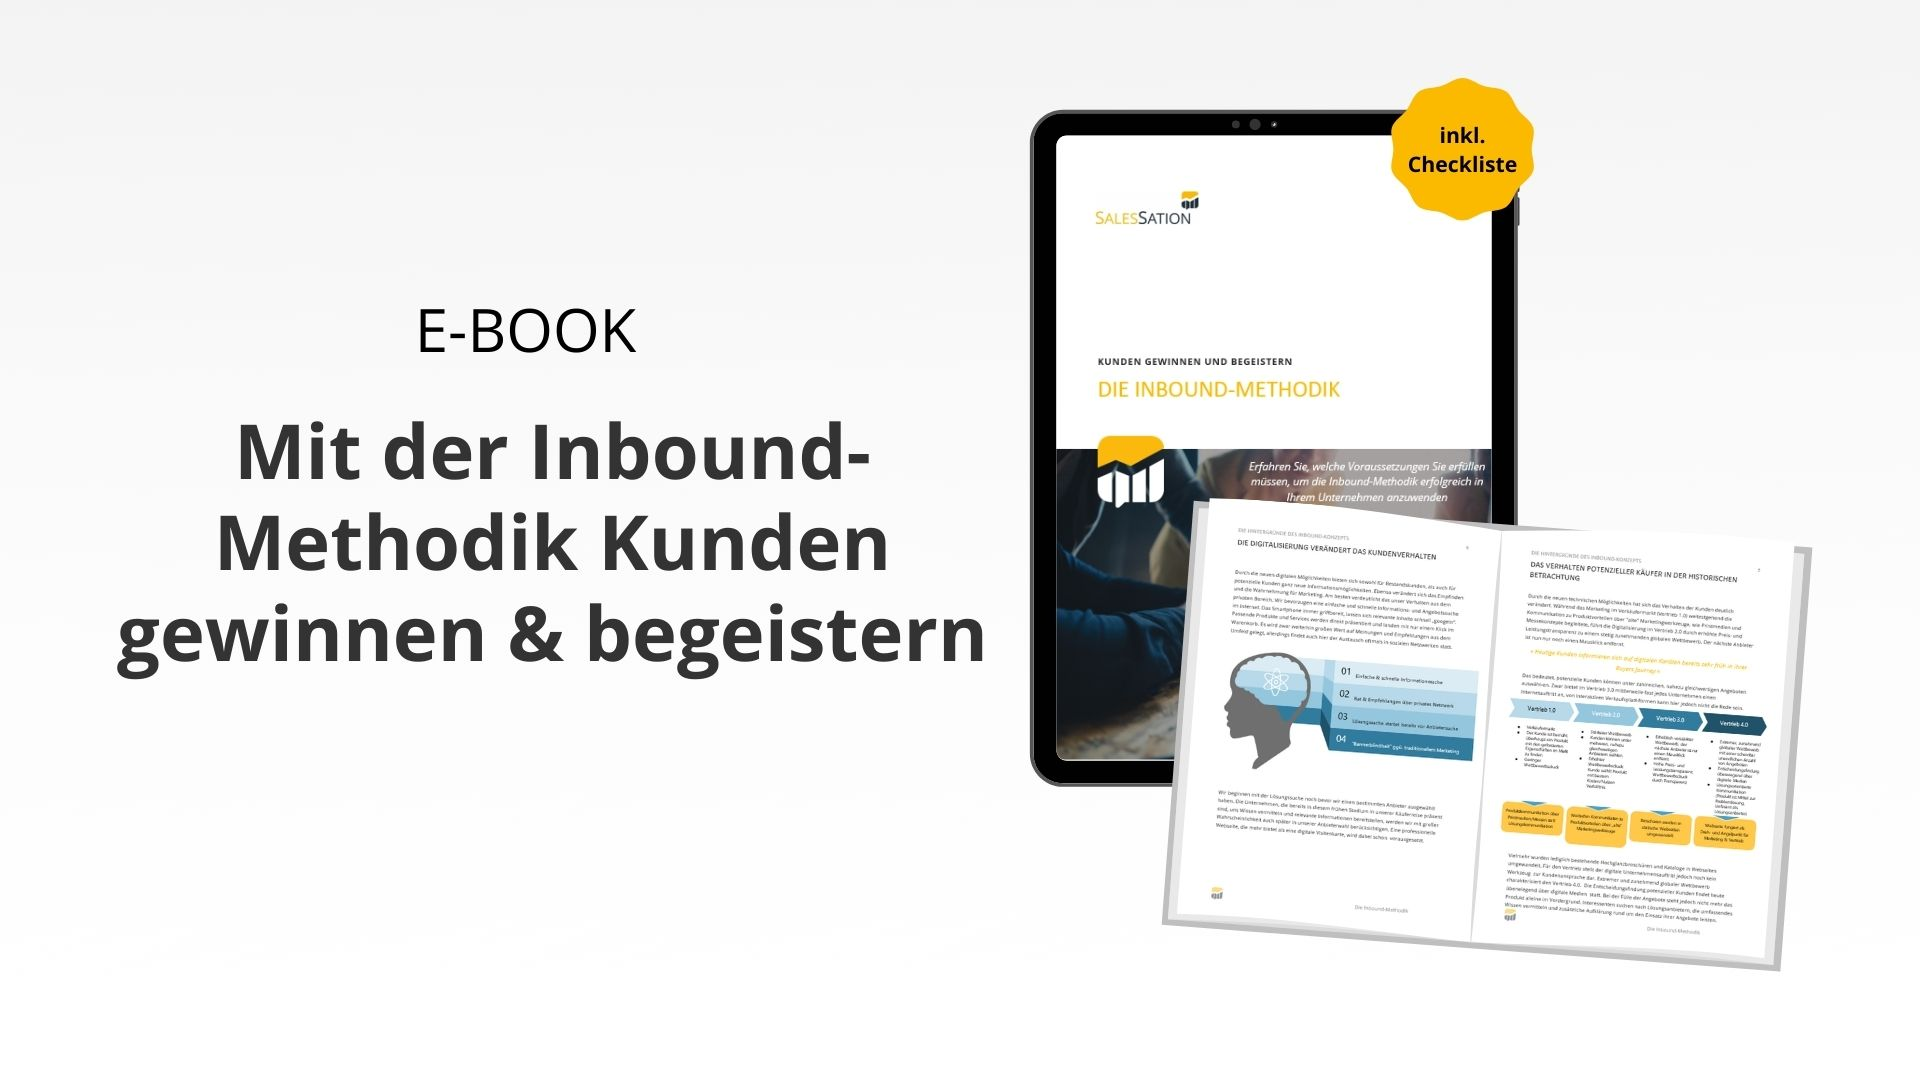 ebook-salessation-die-inbound-methodik-2